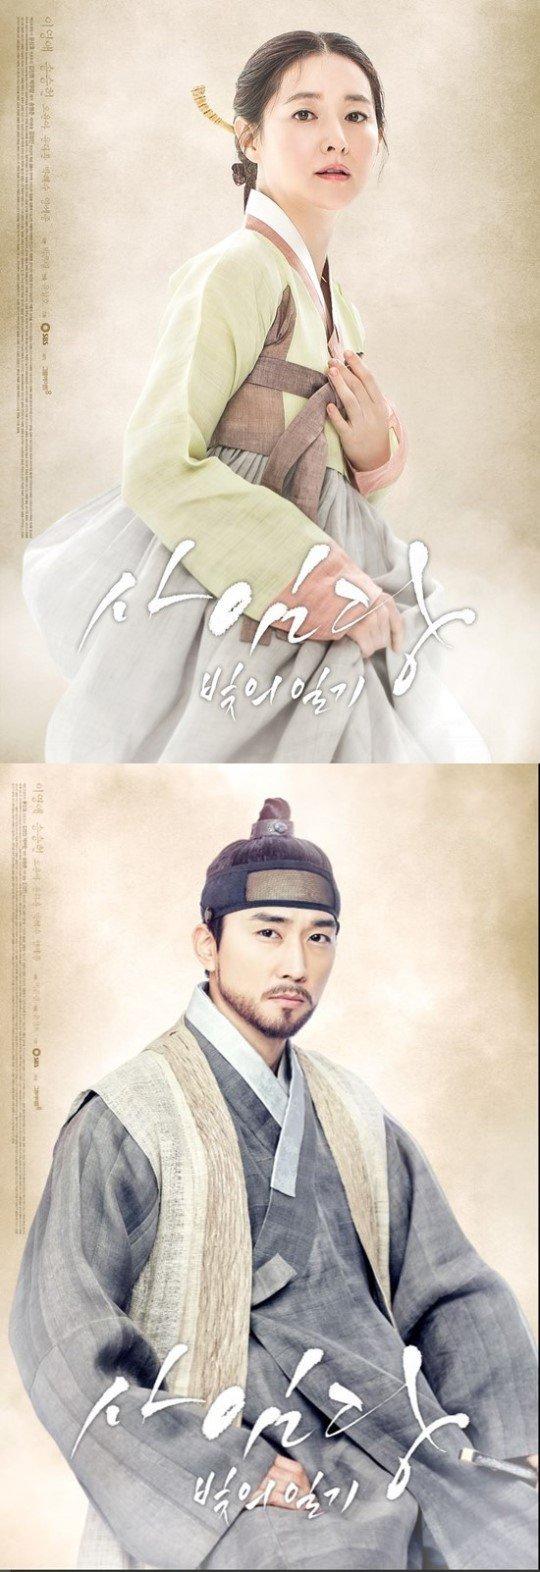 Fan nức lòng khi phim cổ trang của Lee Young Ae tung ảnh mới - Ảnh 1.